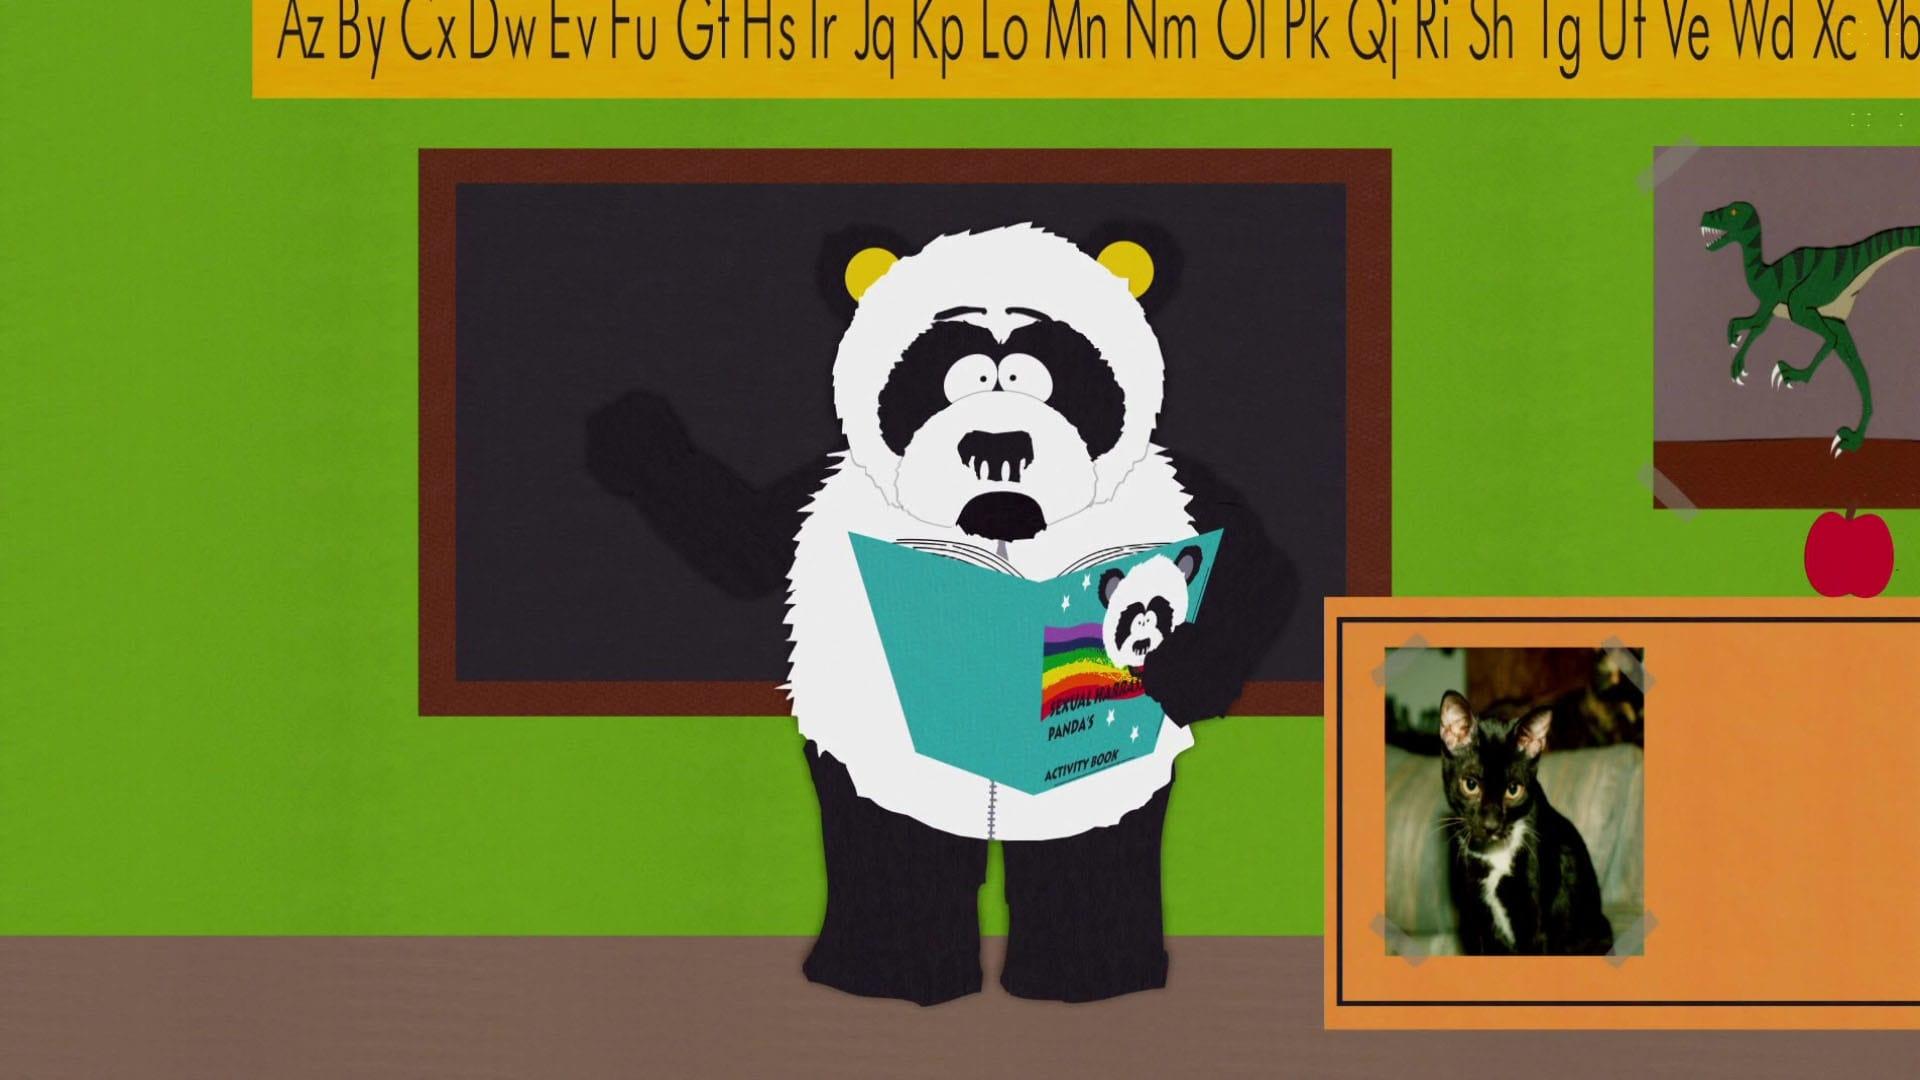 Панда сексуальное домагательство